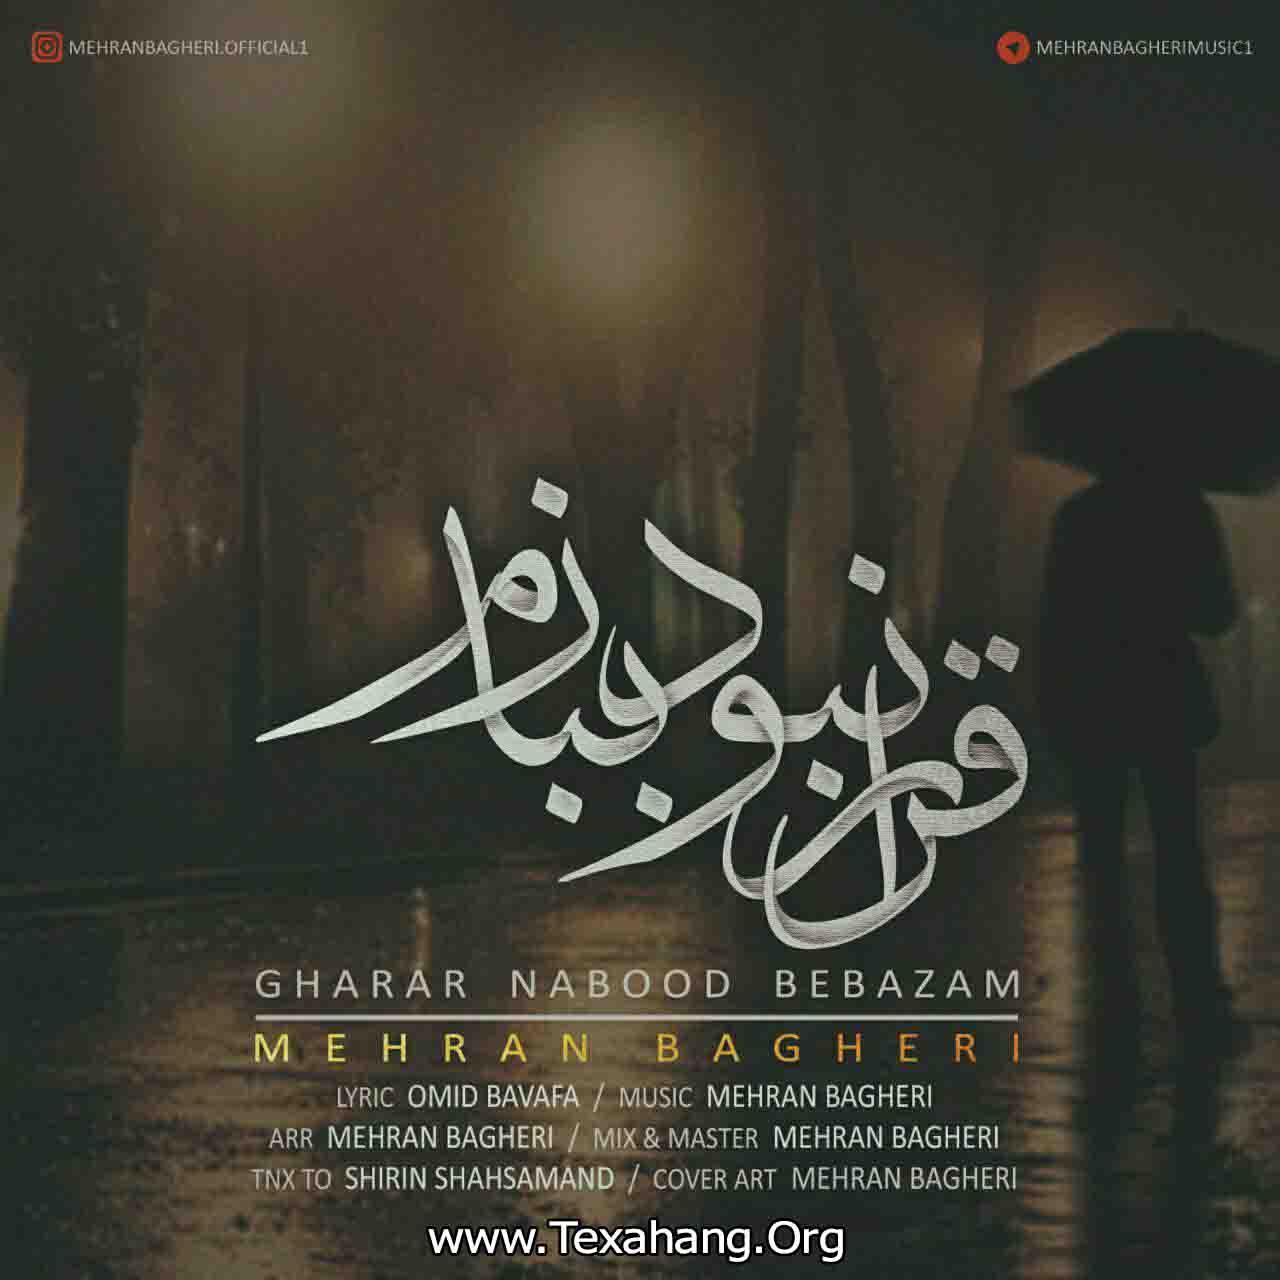 متن آهنگ قرار نبود ببازم مهران باقری